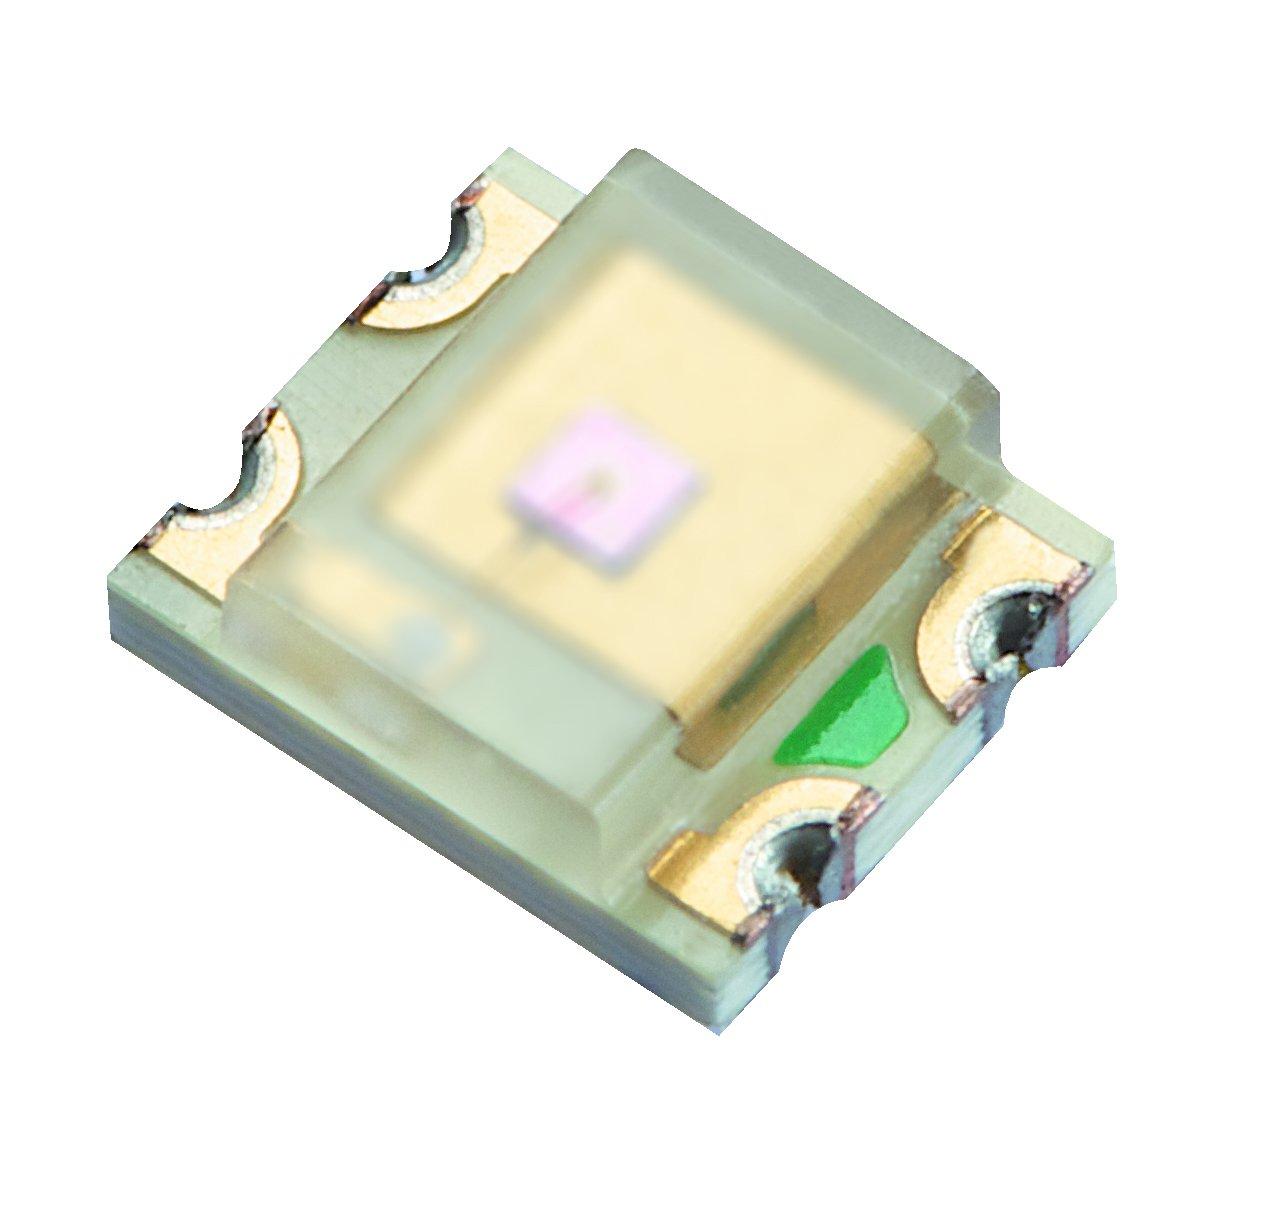 Kingbright KPS-3227SP1C Sensor de luz ambiental, 2000 unidades: Amazon.es: Industria, empresas y ciencia